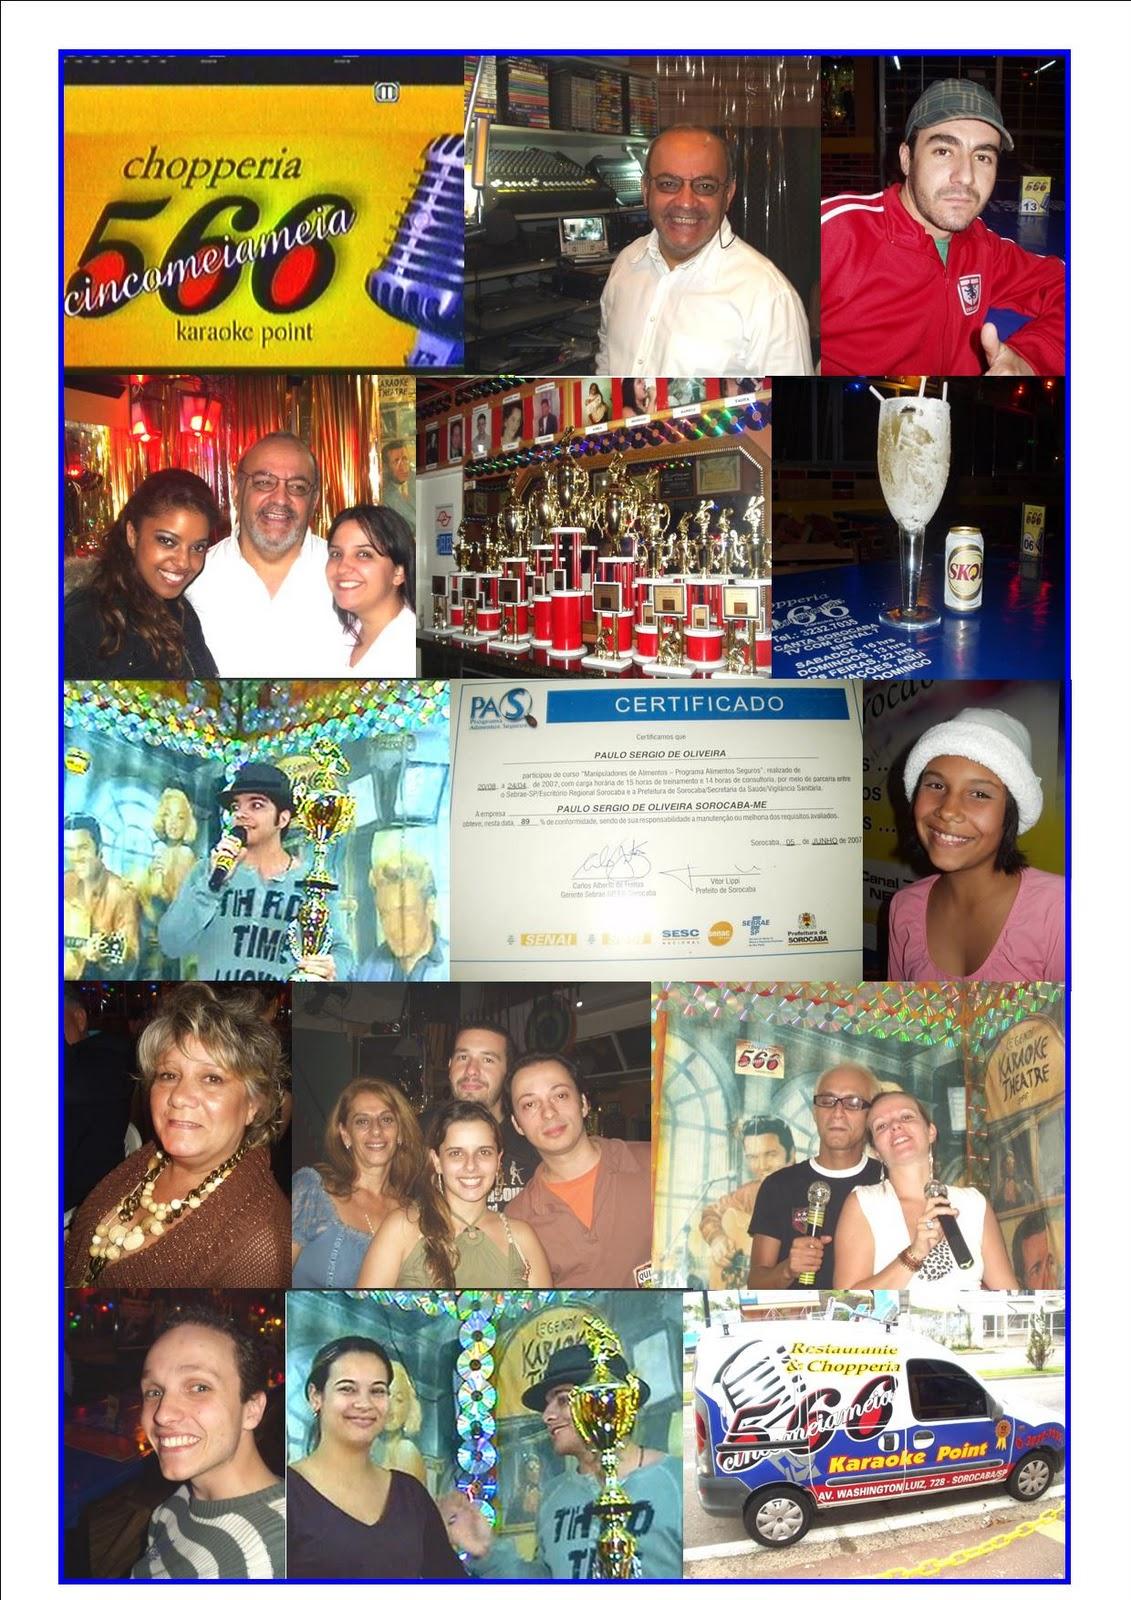 http://2.bp.blogspot.com/_fID6Vu2UHdc/TTPHAVkm10I/AAAAAAAABY8/z9aOLyXFtX8/s1600/fotos+do+566.jpg